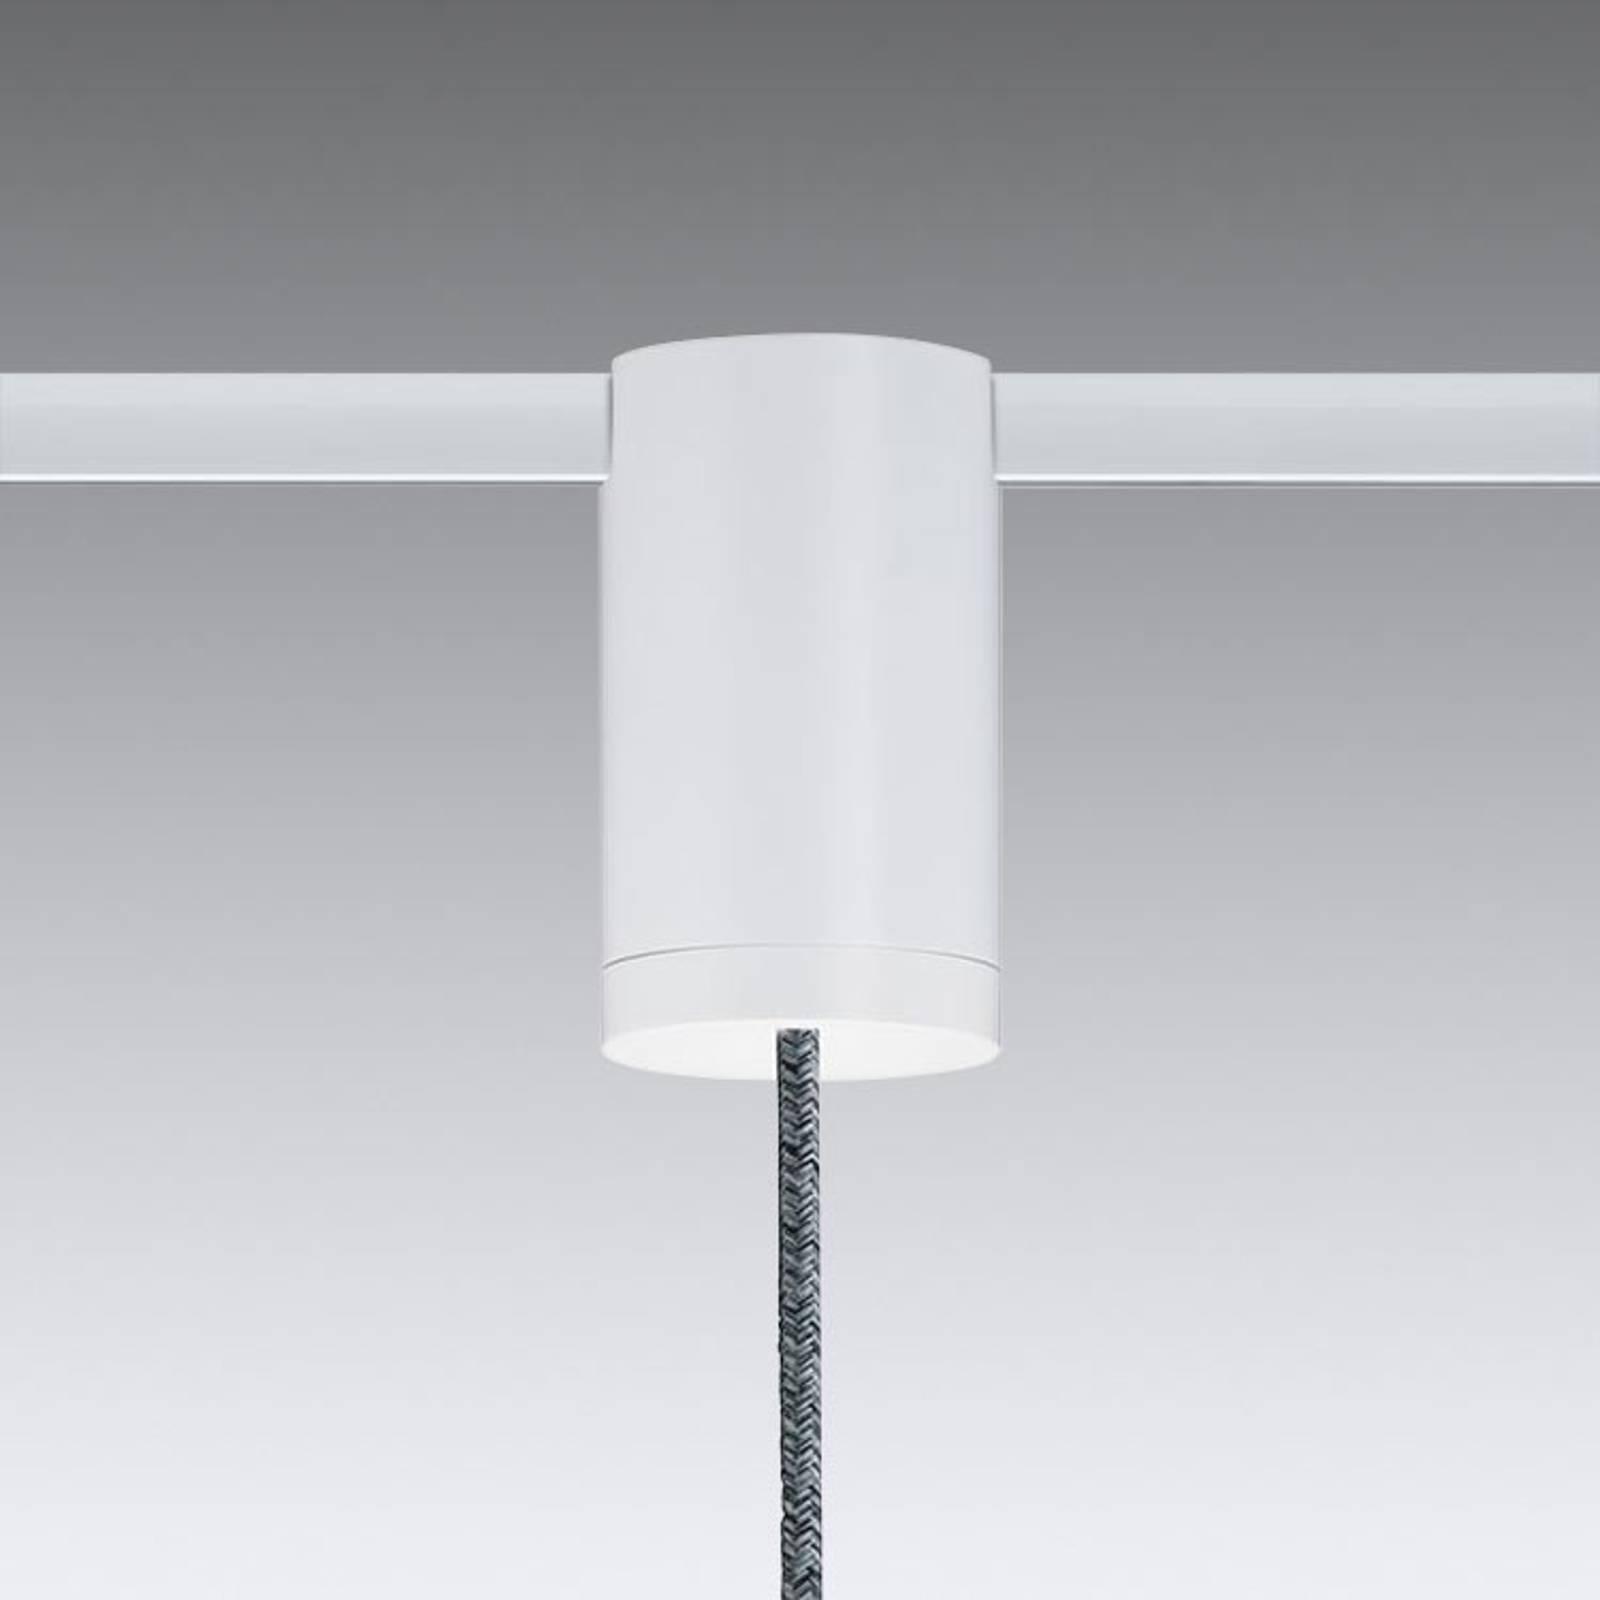 Flex-pendeladapter voor URail railsysteem, wit